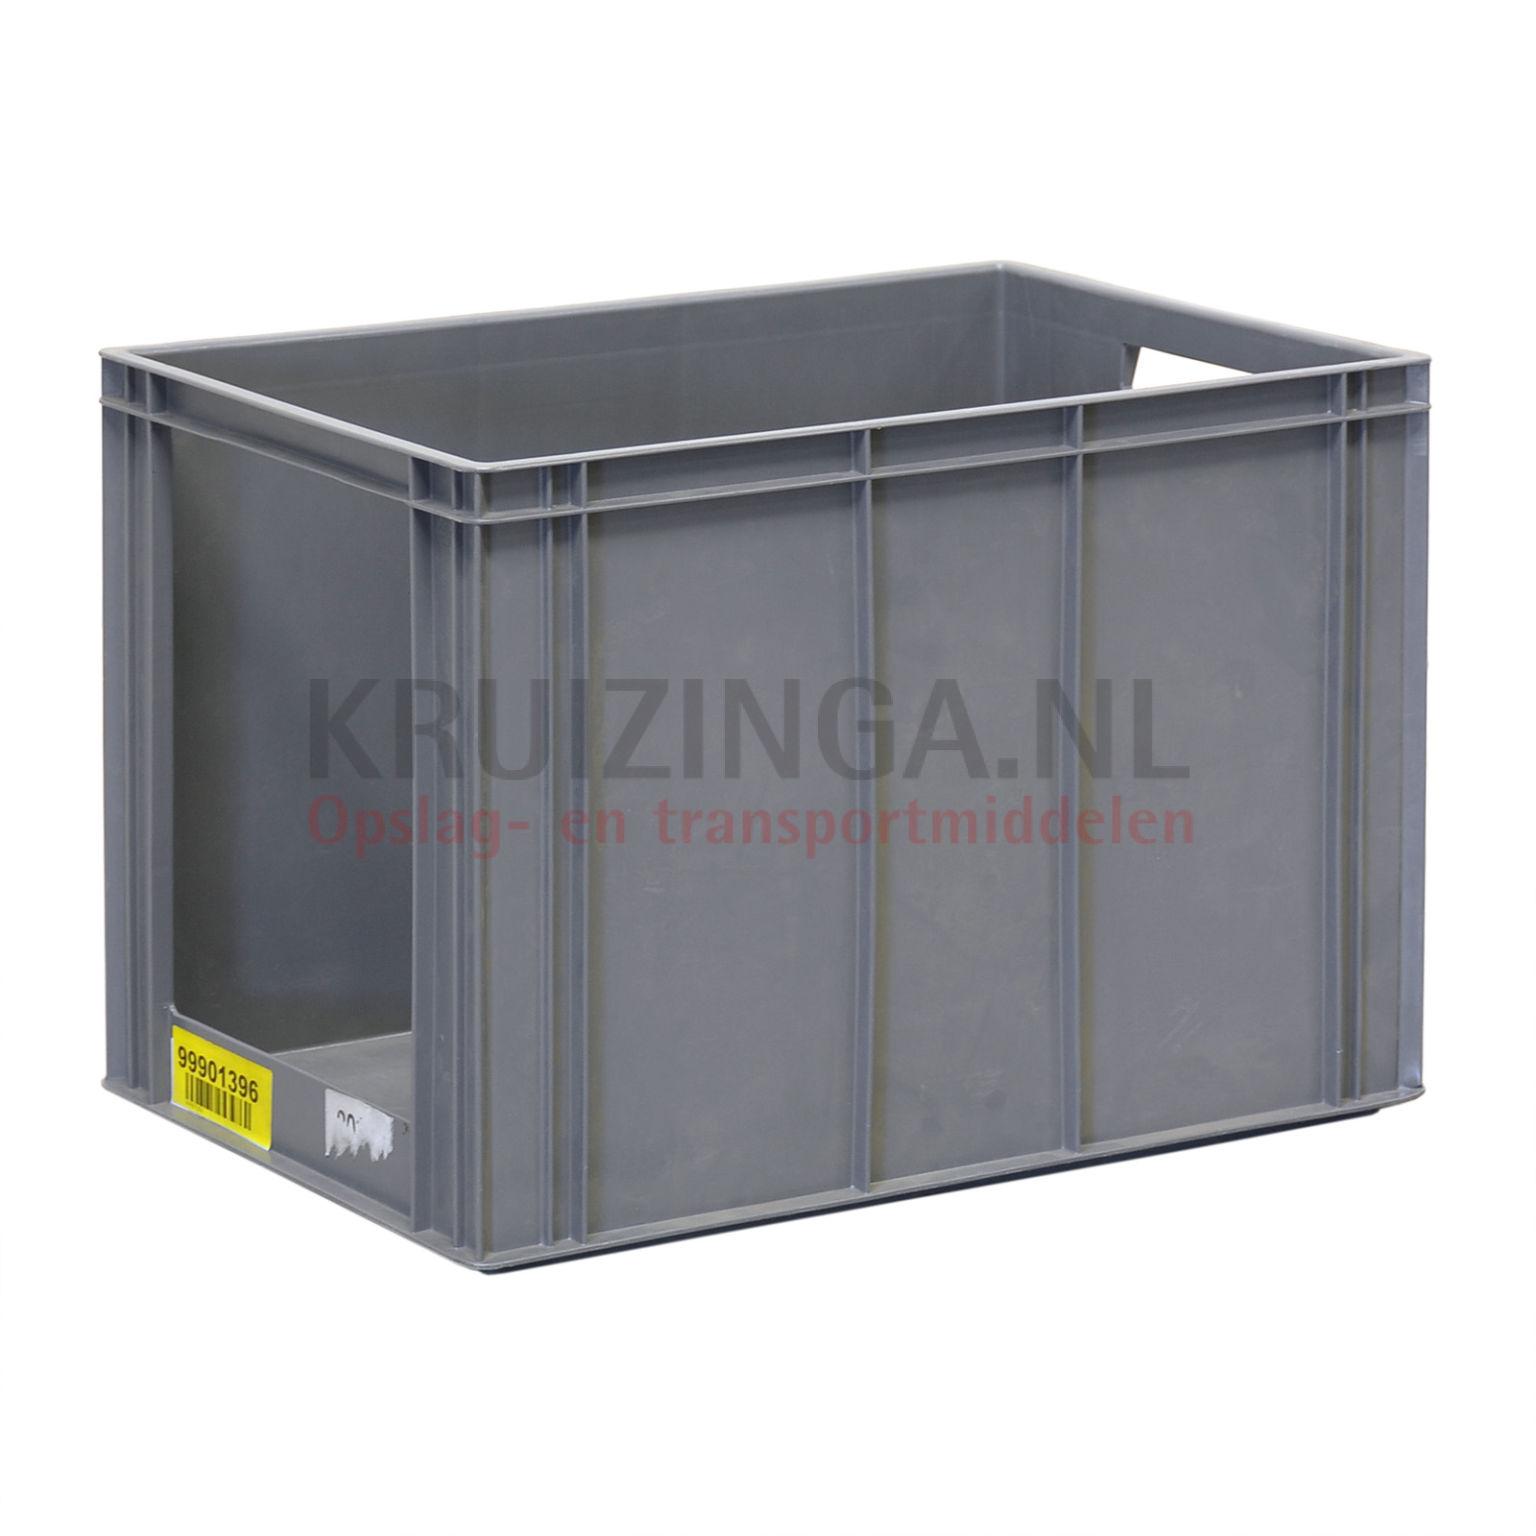 stapelboxen kunststoff stapelbar mit griff ffnung gebraucht. Black Bedroom Furniture Sets. Home Design Ideas